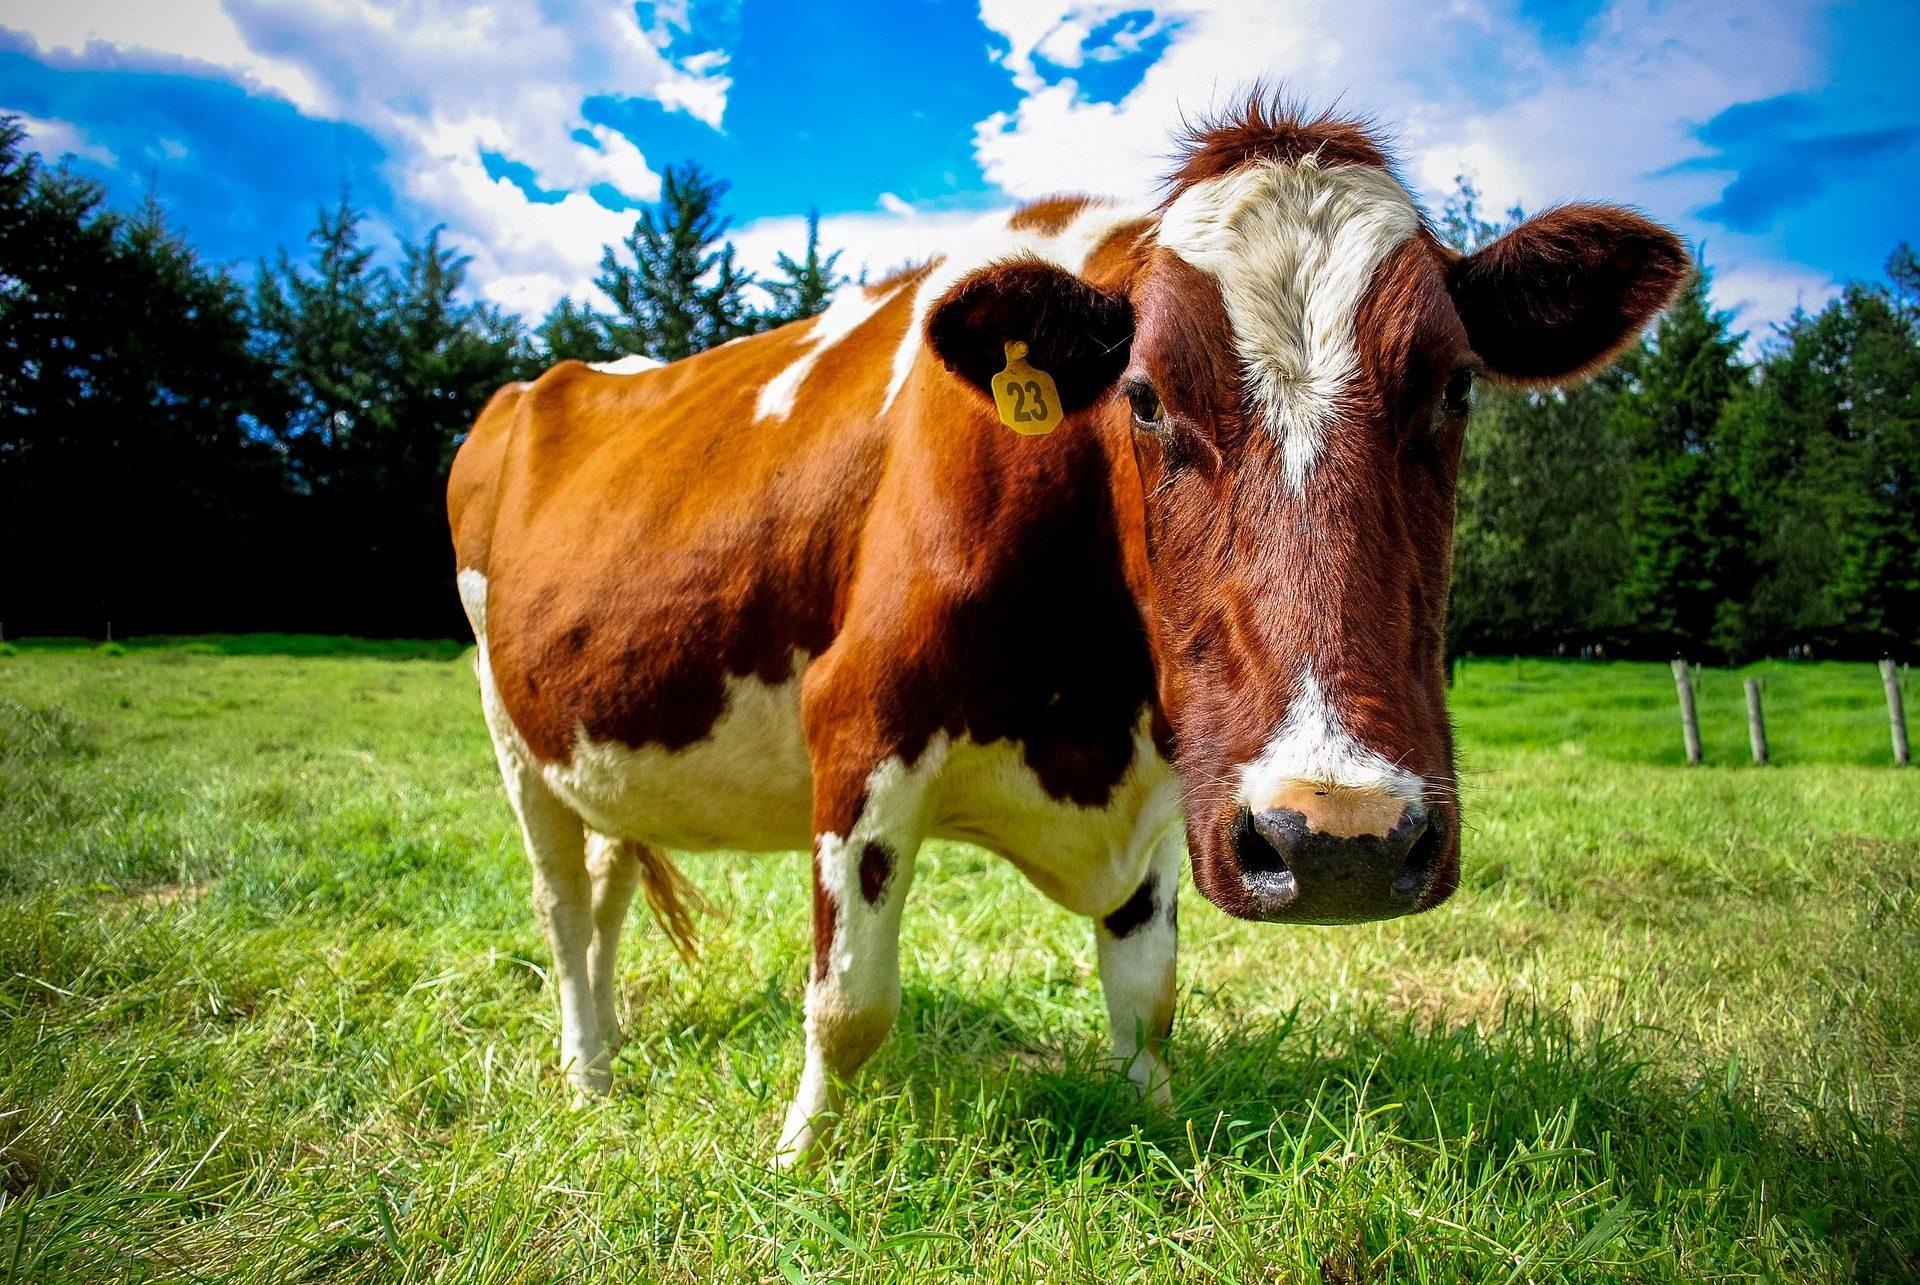 vaca, gado, bovino, pastoreio, PRADO, árvores, nuvens - Papéis de parede HD - Professor-falken.com